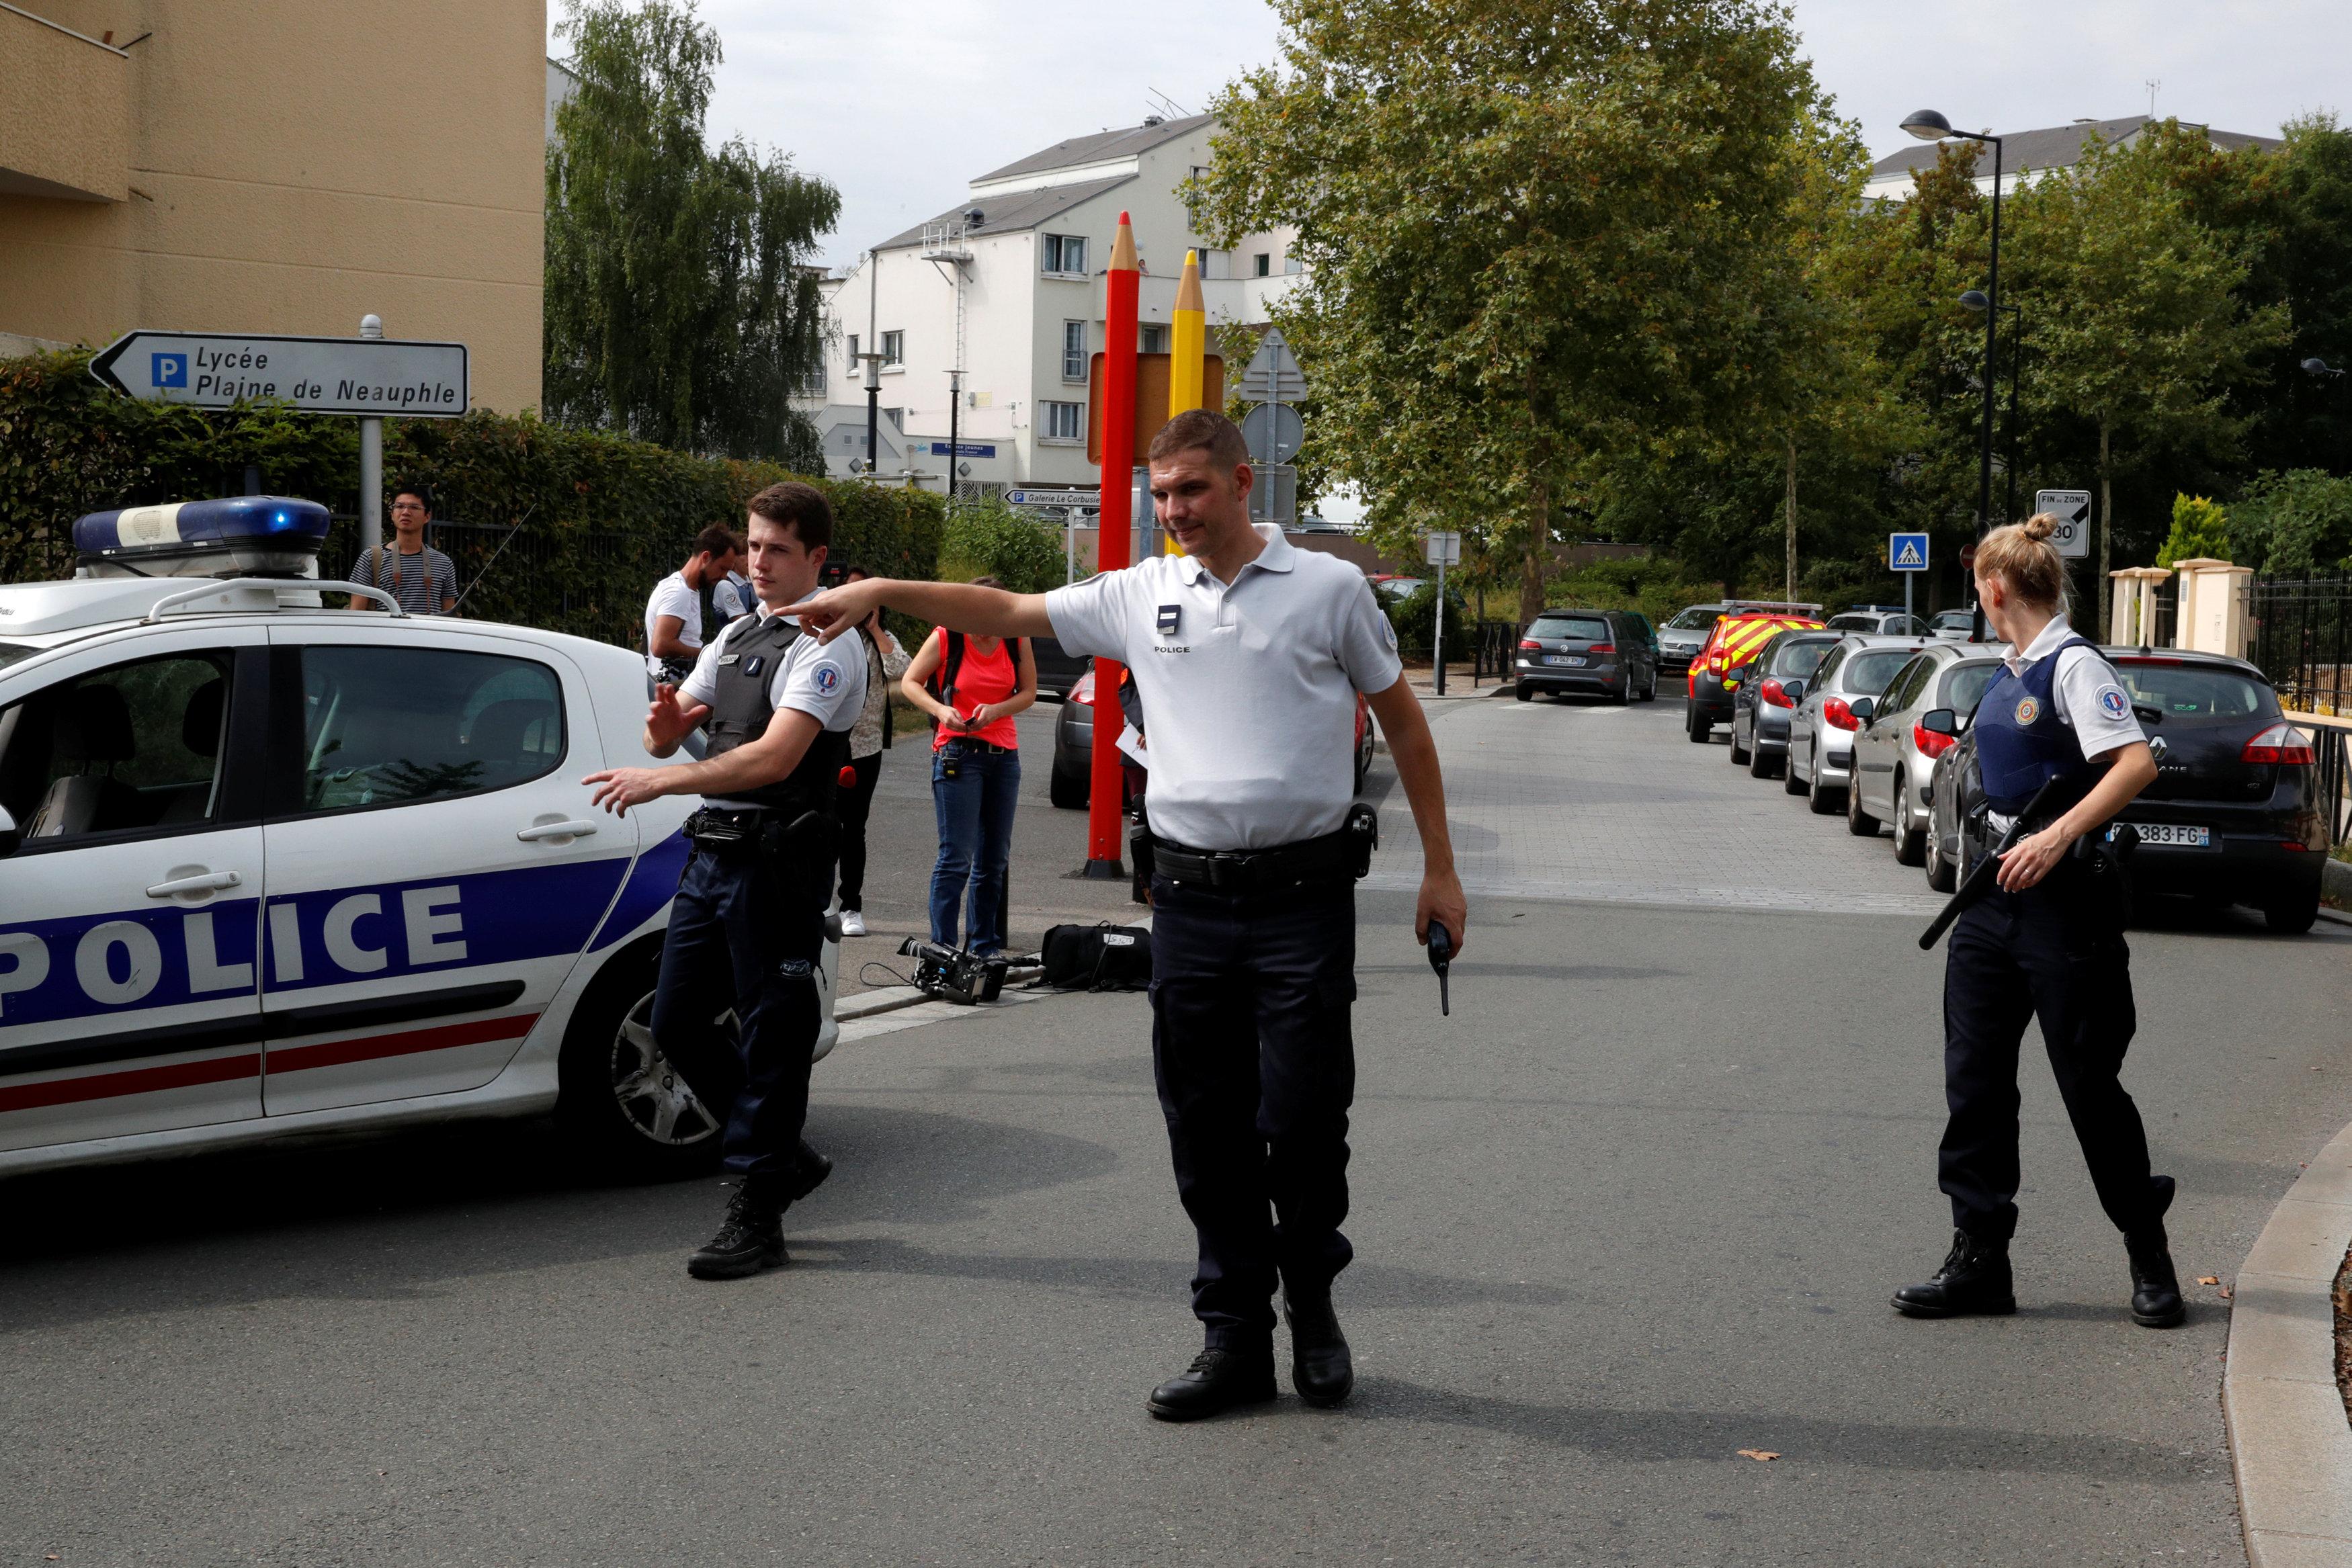 شرطى فرنسى يقوم بتعديل خط سير السيارات